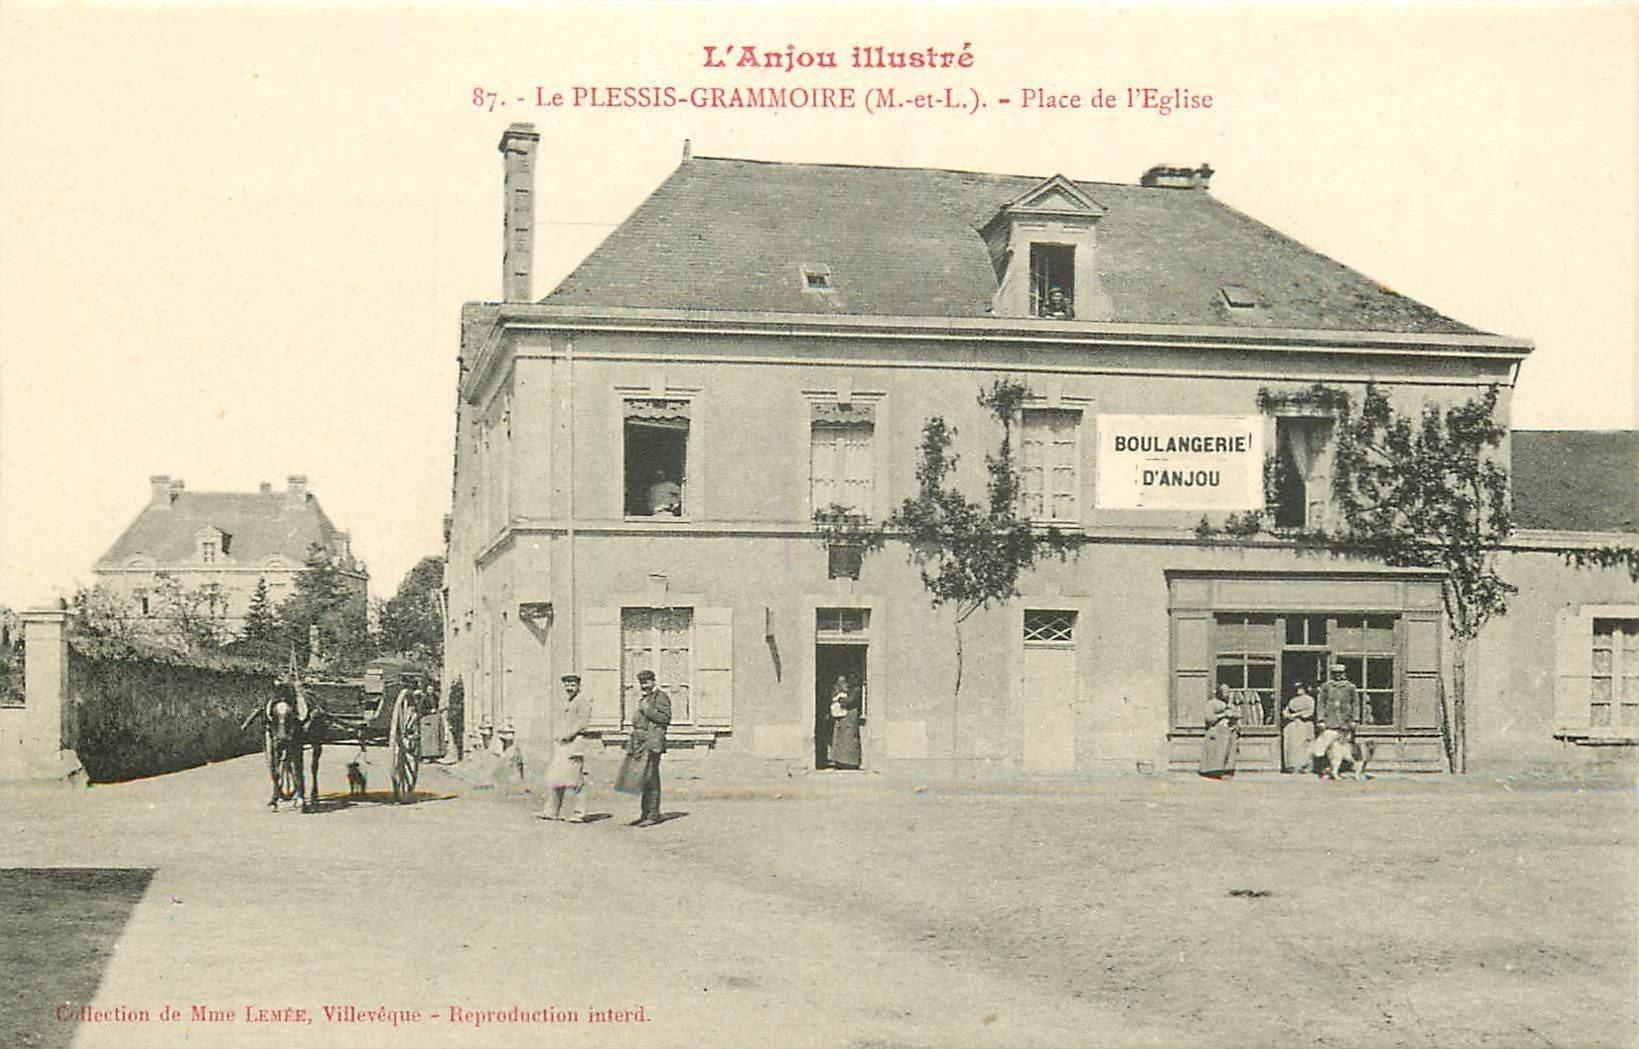 49 LE PLESSIS GRAMMOIRE. Attelage et Boulangerie d'Anjou Place de l'Eglise